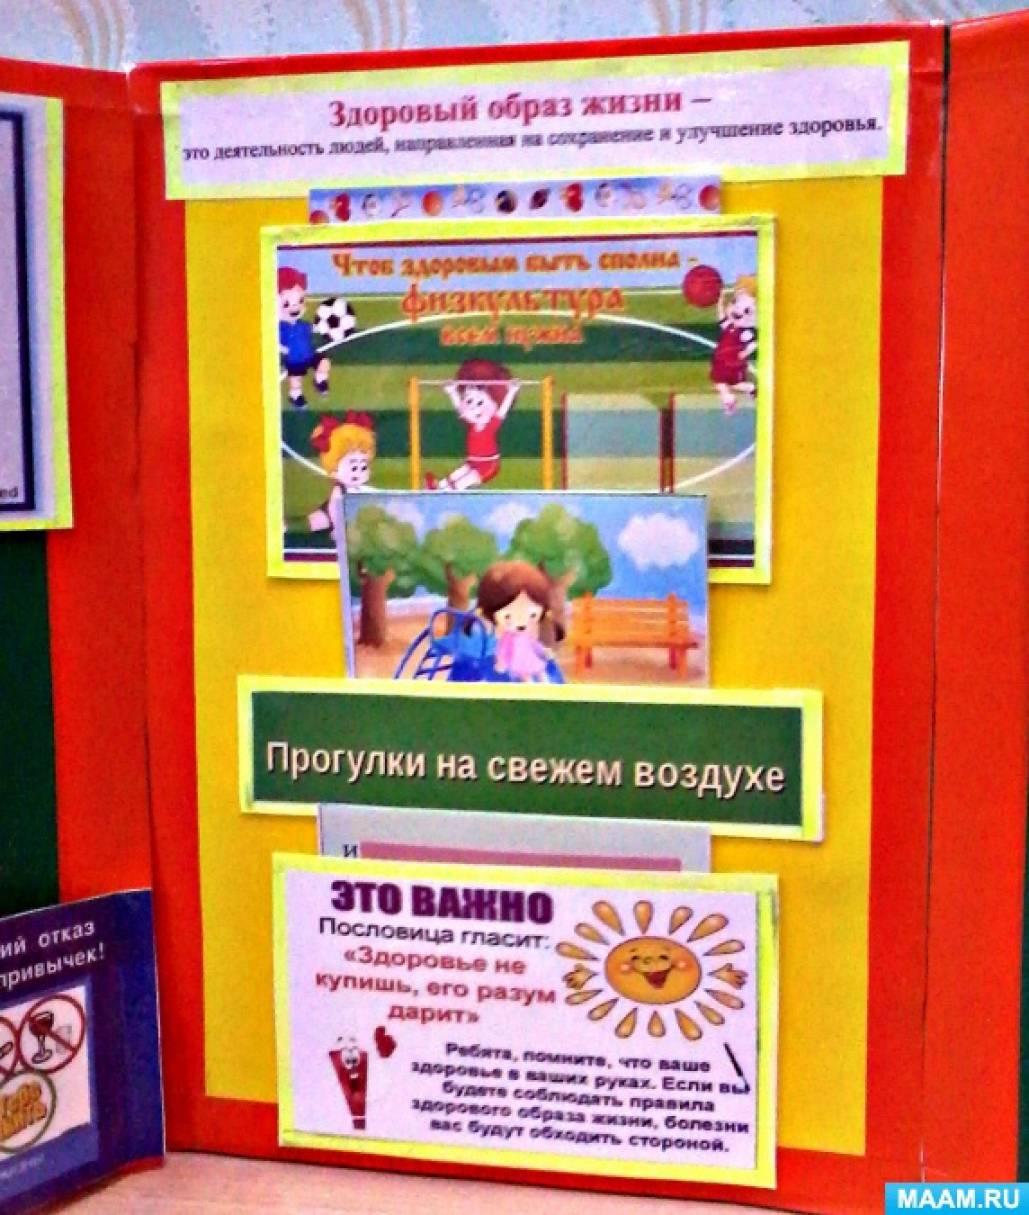 Лэпбук Здоровый образ жизни Воспитателям детских садов  Лэпбук Здоровый образ жизни